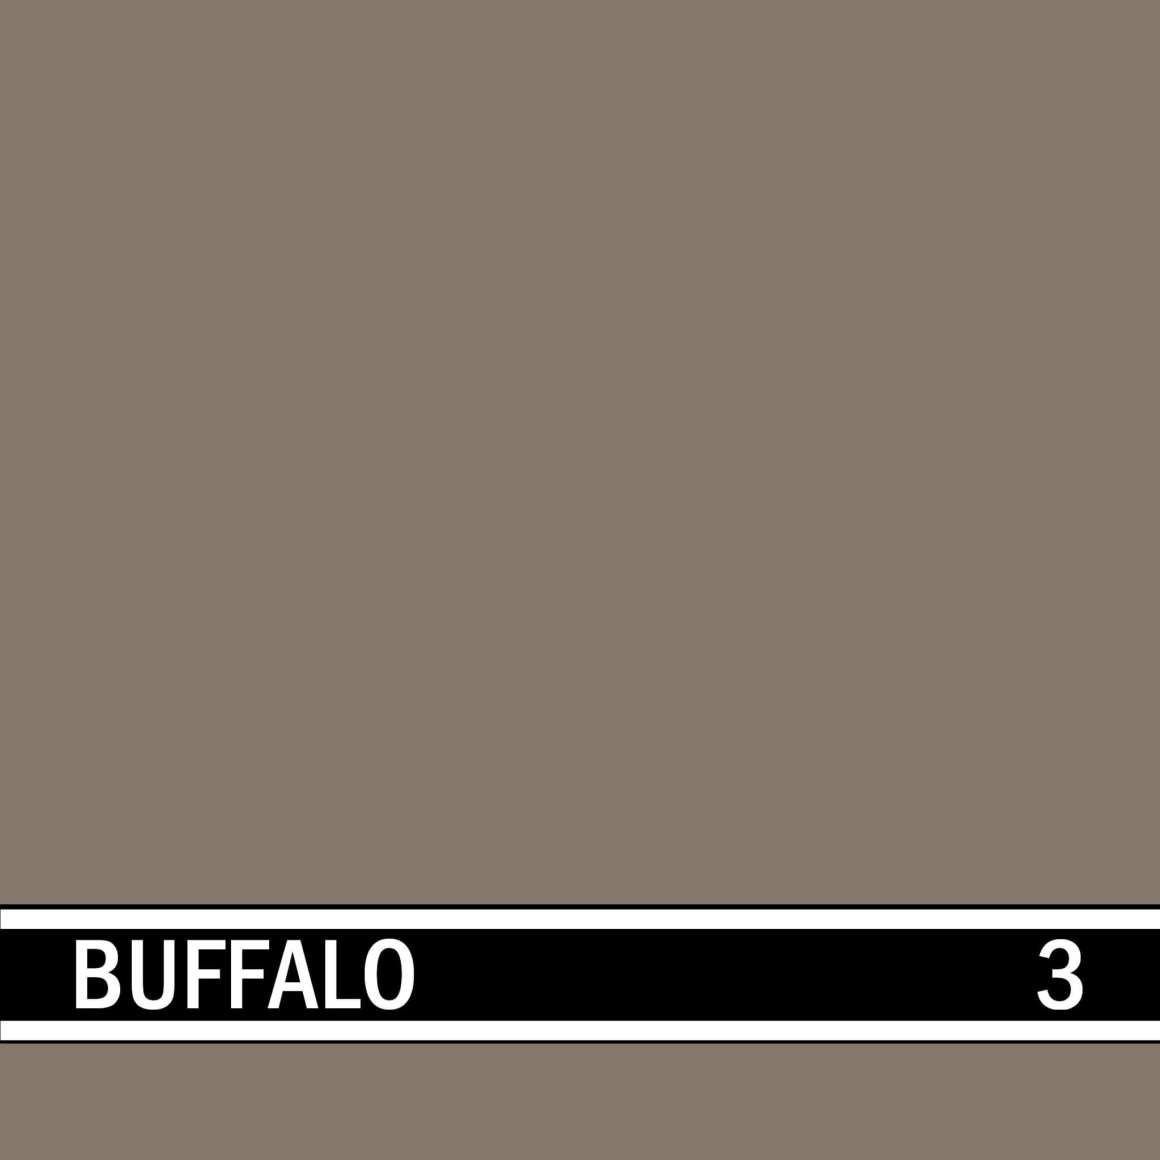 Buffalo integral concrete color for stamped concrete and decorative colored concrete